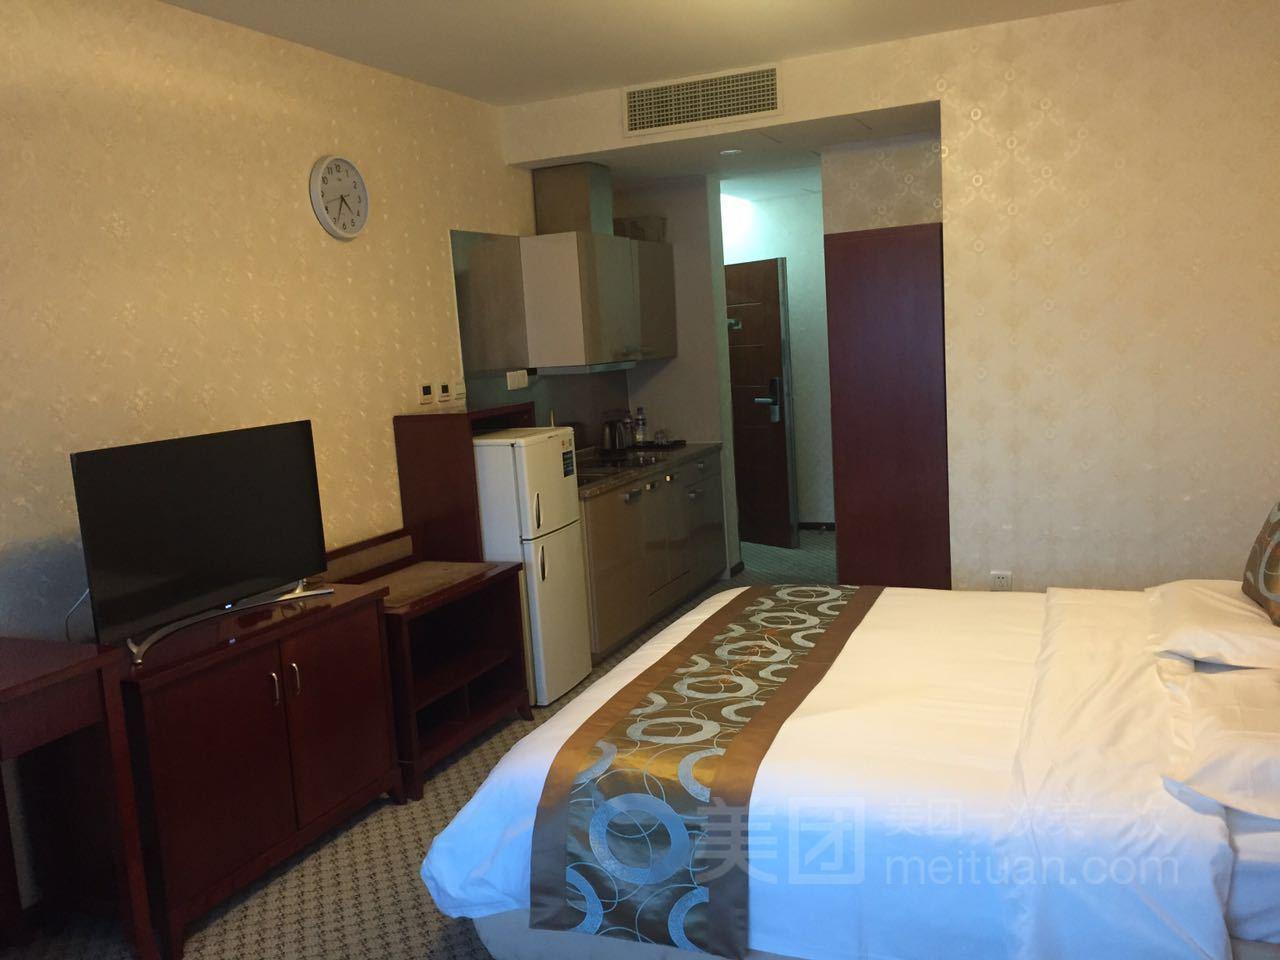 星期天酒店服务式公寓预订/团购